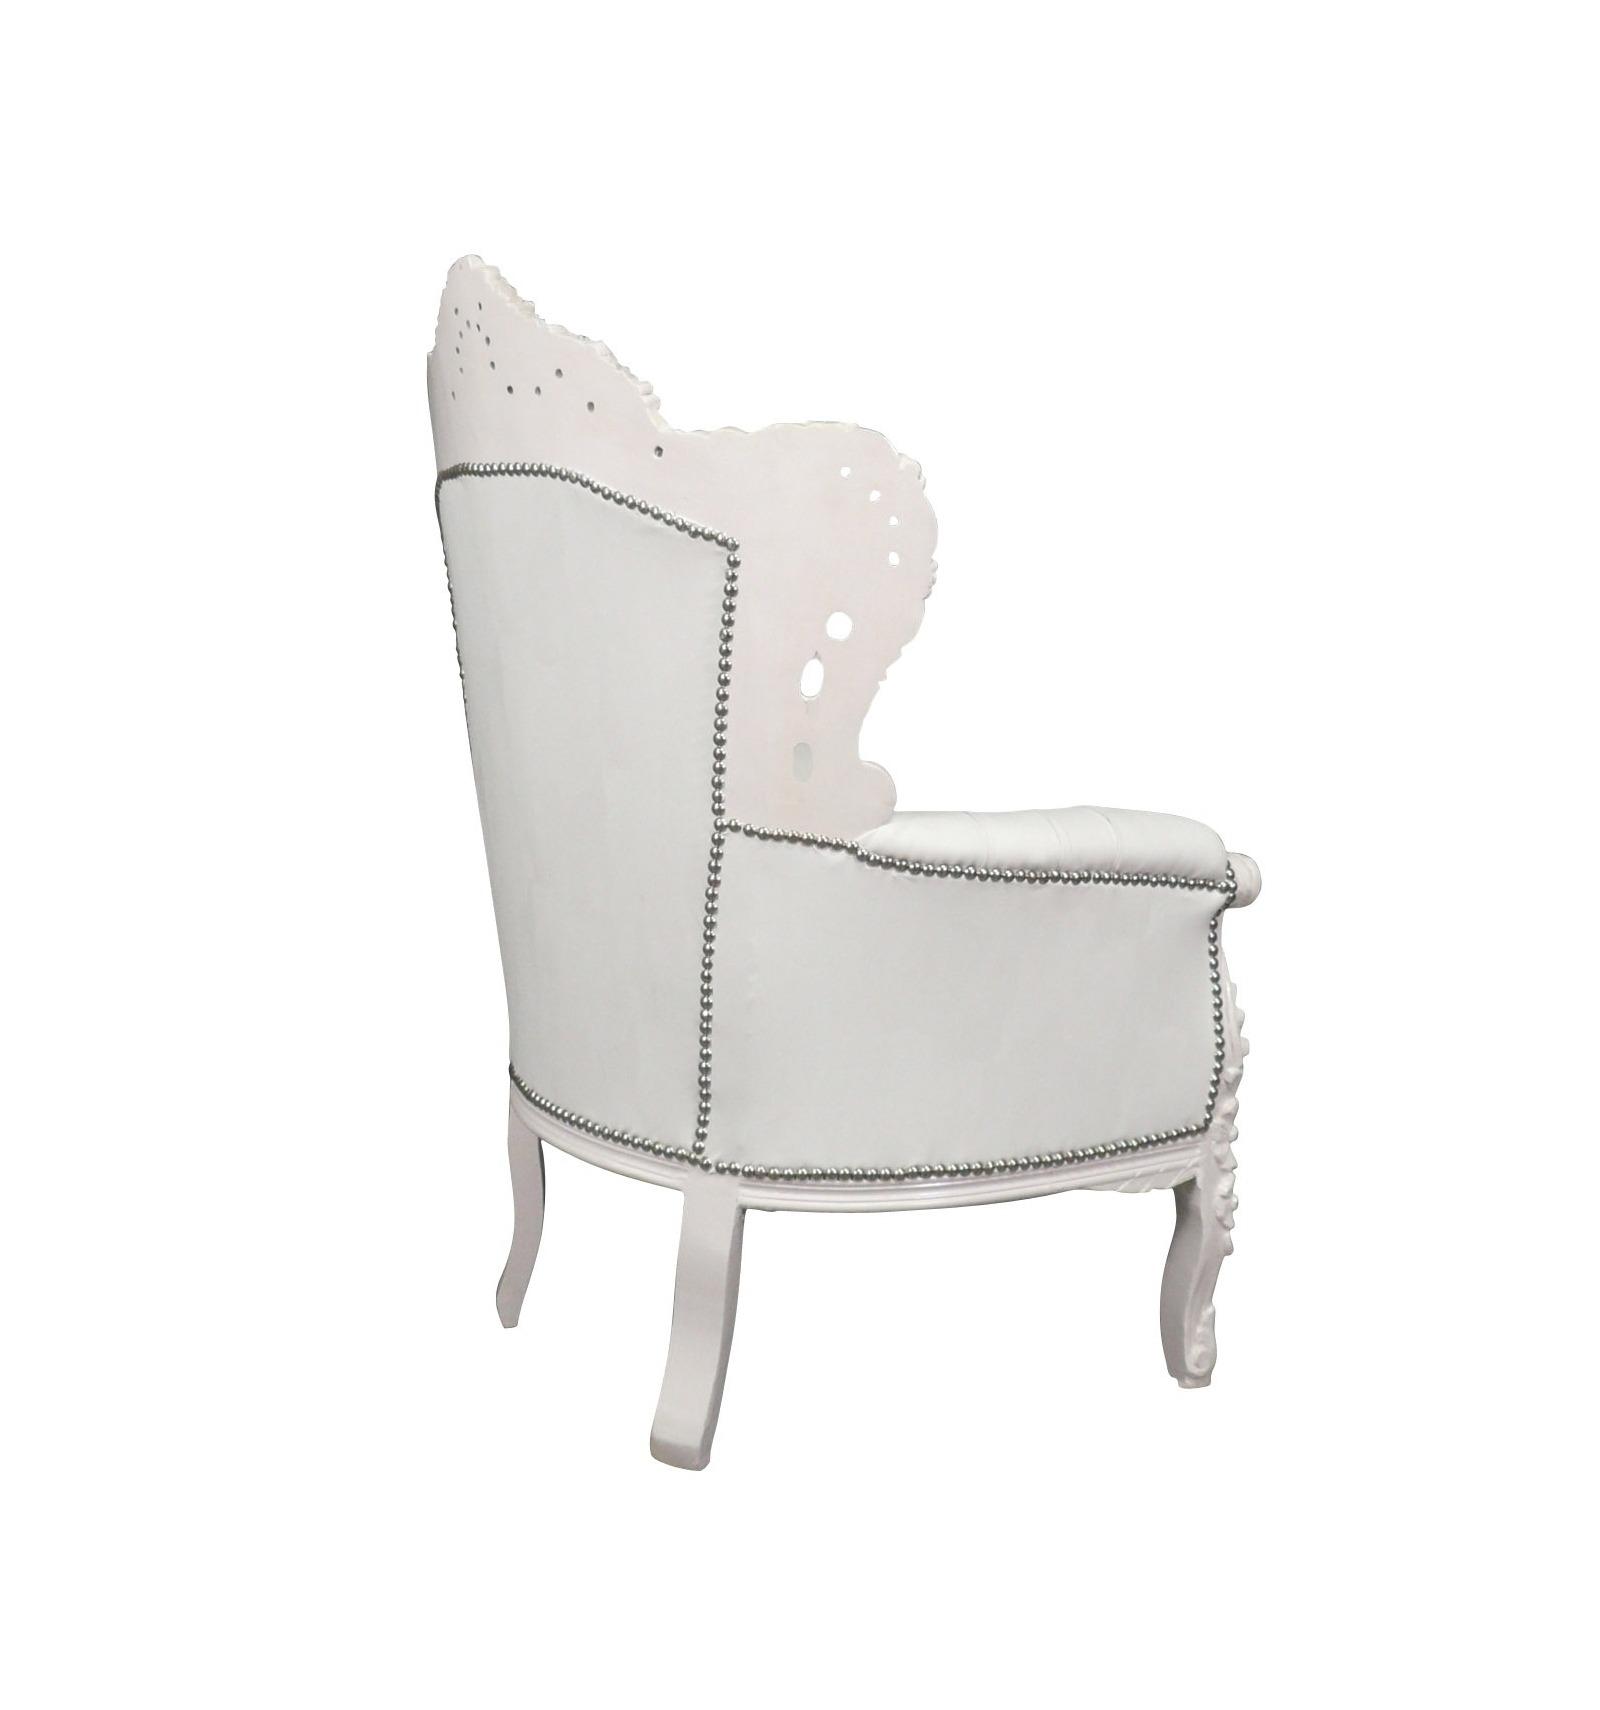 wei barock sessel m bel f r eine moderne und elegante deko. Black Bedroom Furniture Sets. Home Design Ideas